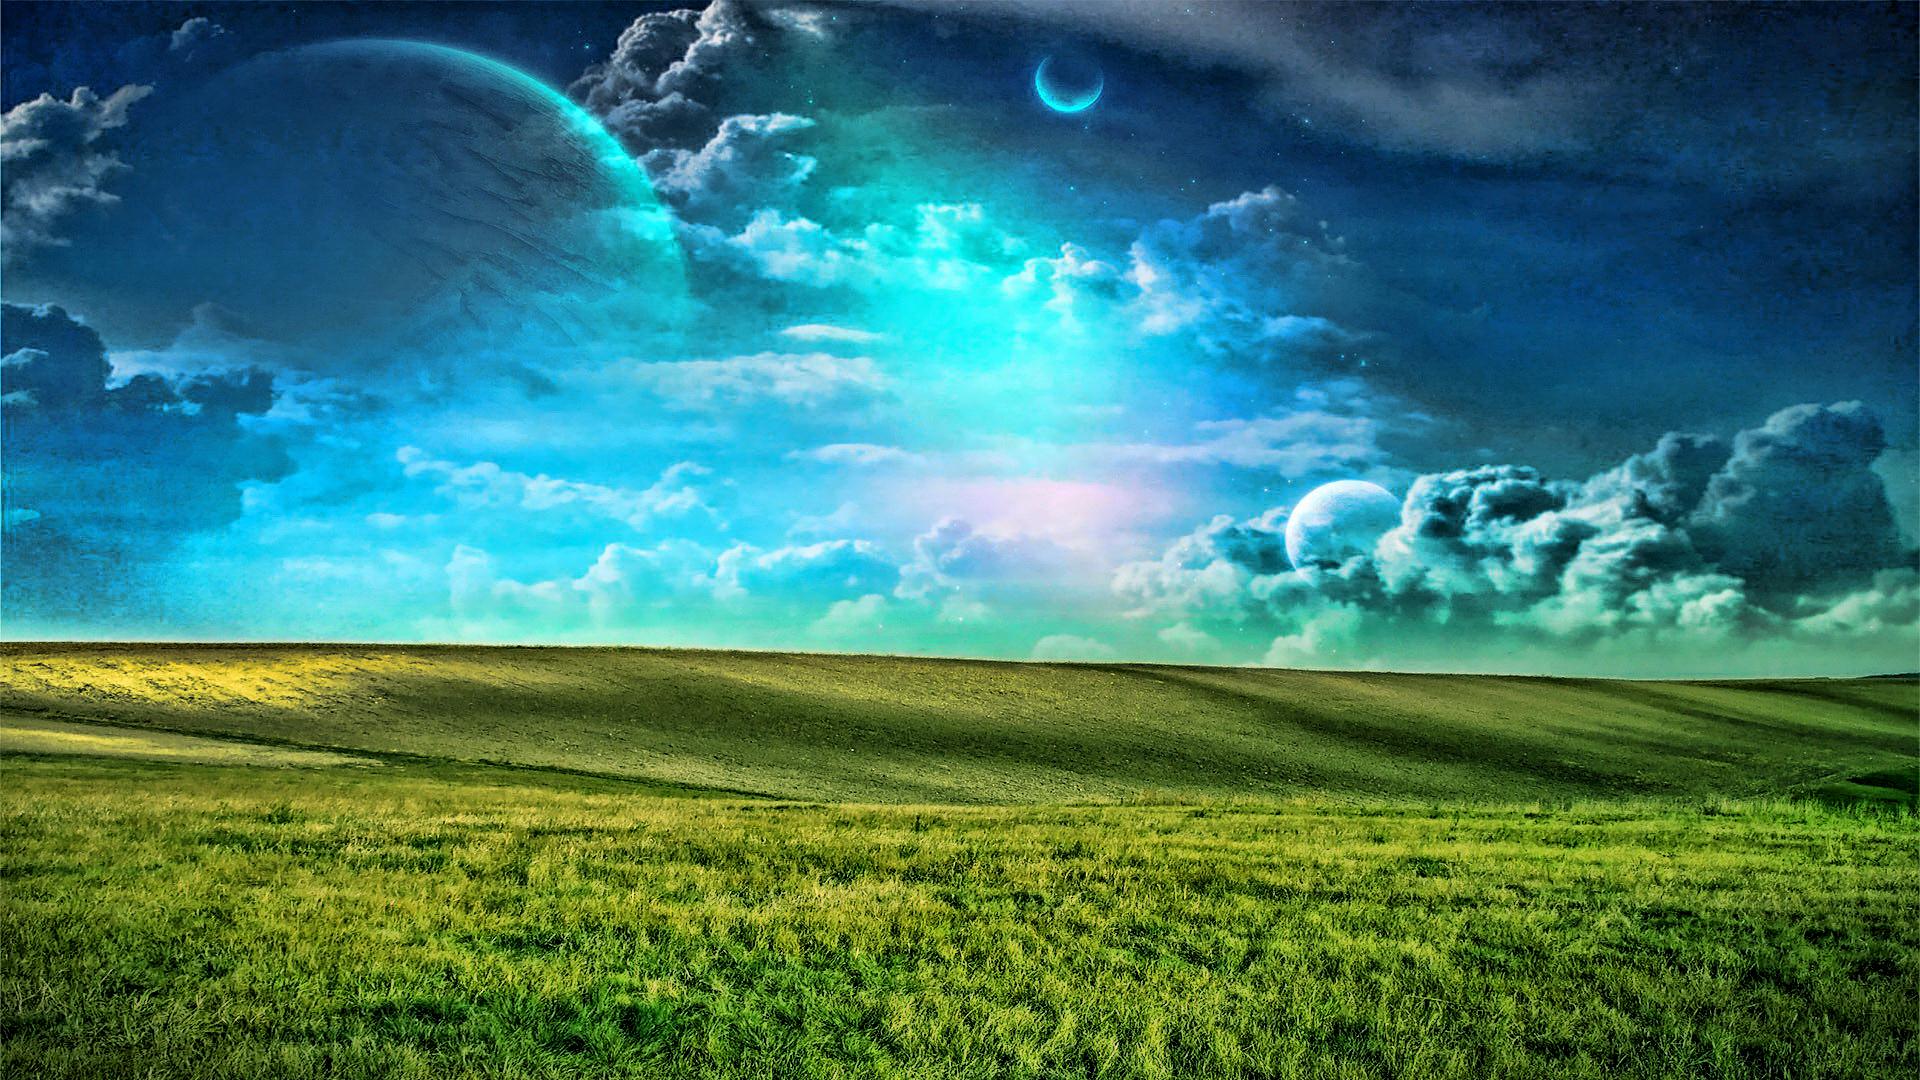 Sfondi desktop paesaggi hd prati e cielo sfondi hd gratis for Sfondi desktop hd gratis